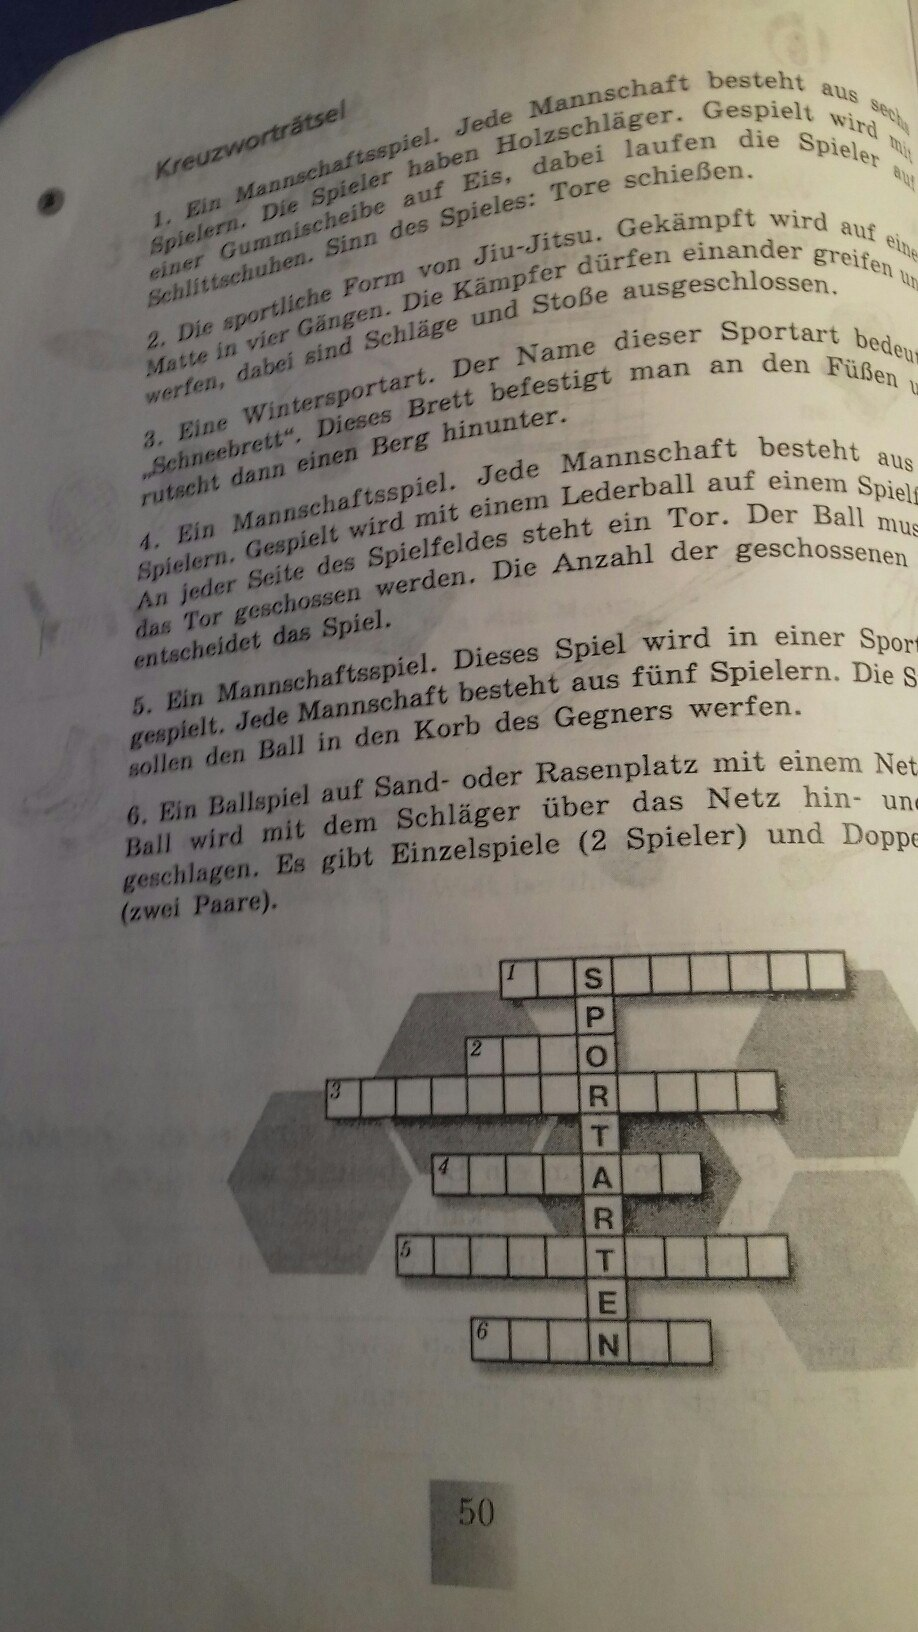 гдз по немецкому языку 9 класс мозаика рабочая тетрадь